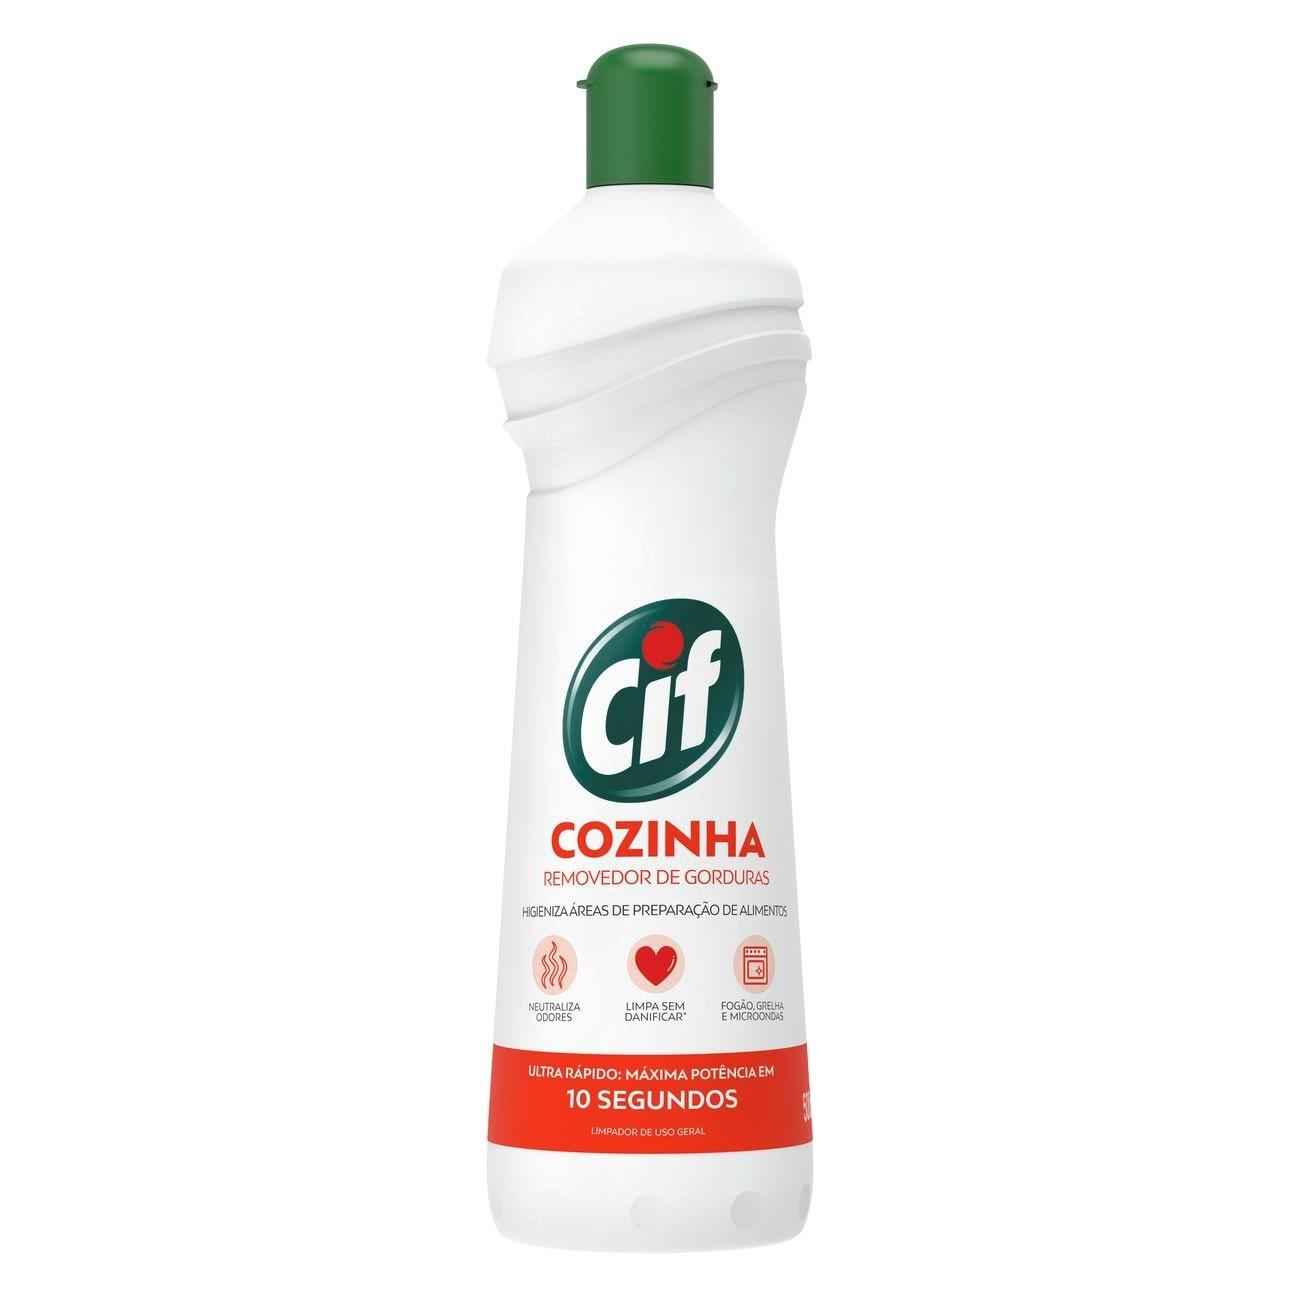 Desengordurante Cif Cozinha Removedor de Gorduras Spray 500Ml